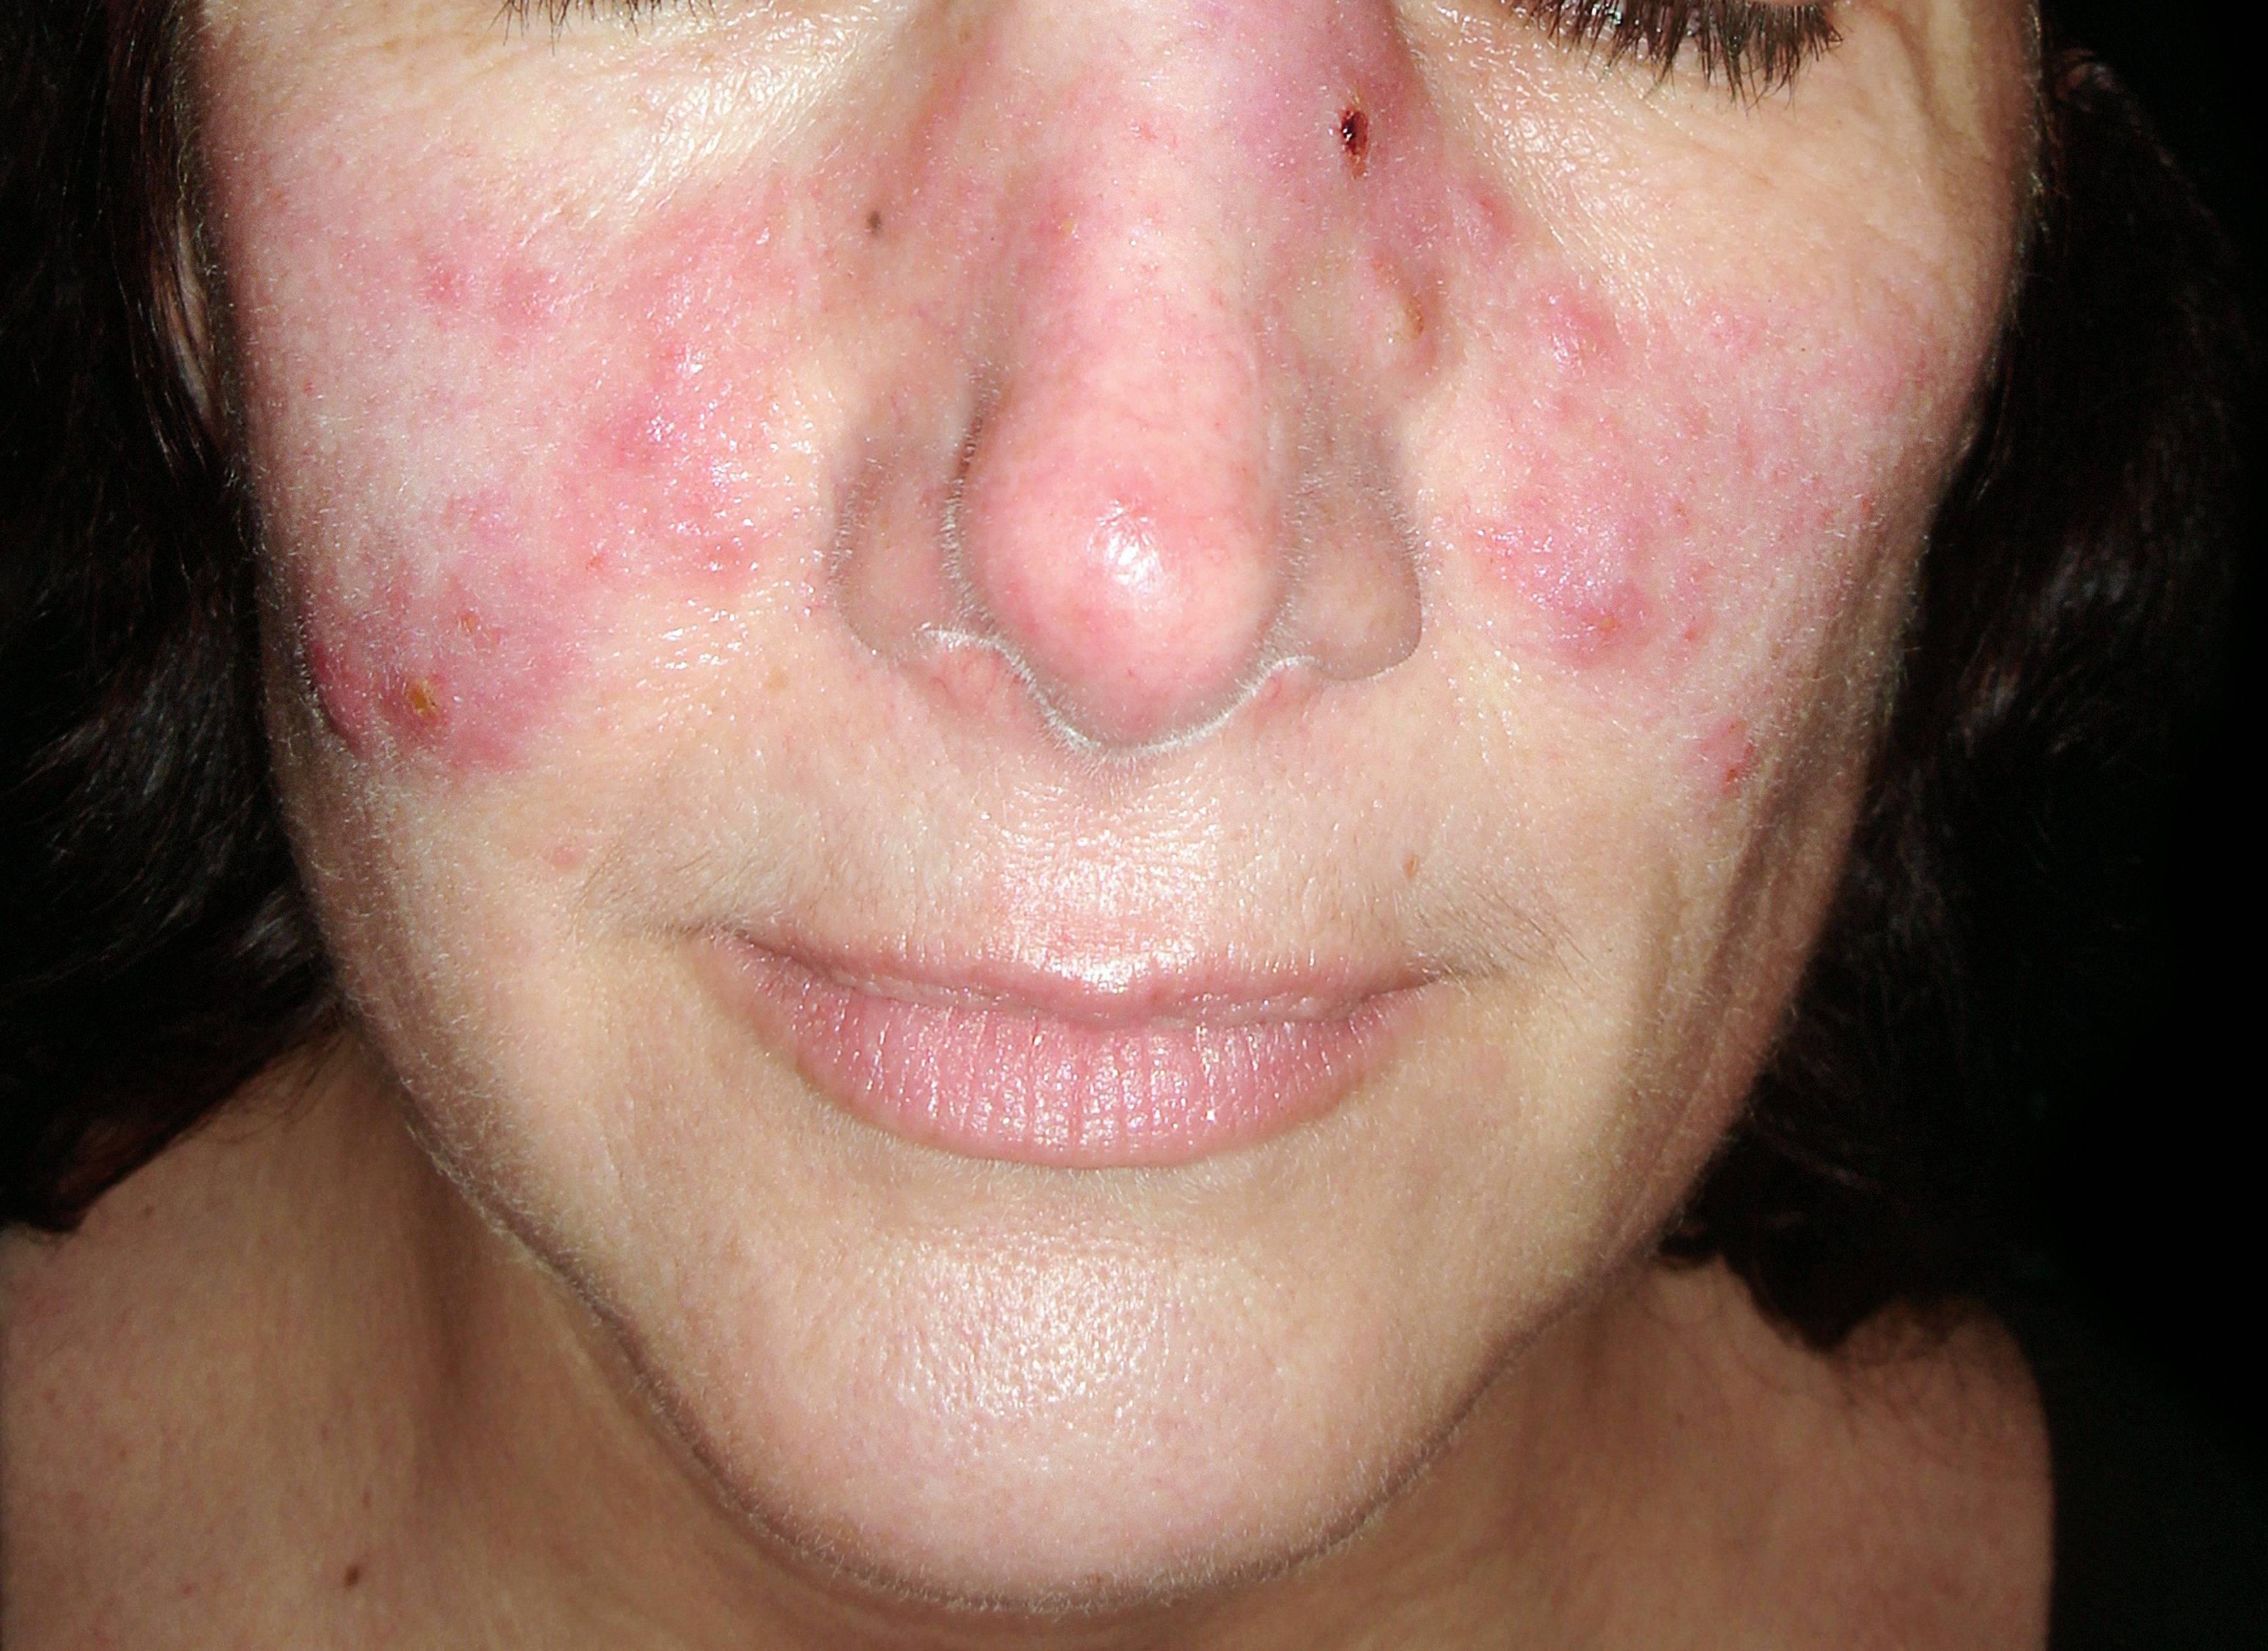 vörös foltok az arc bőrén fotó és a betegség neve rüh vörös foltok az arcon